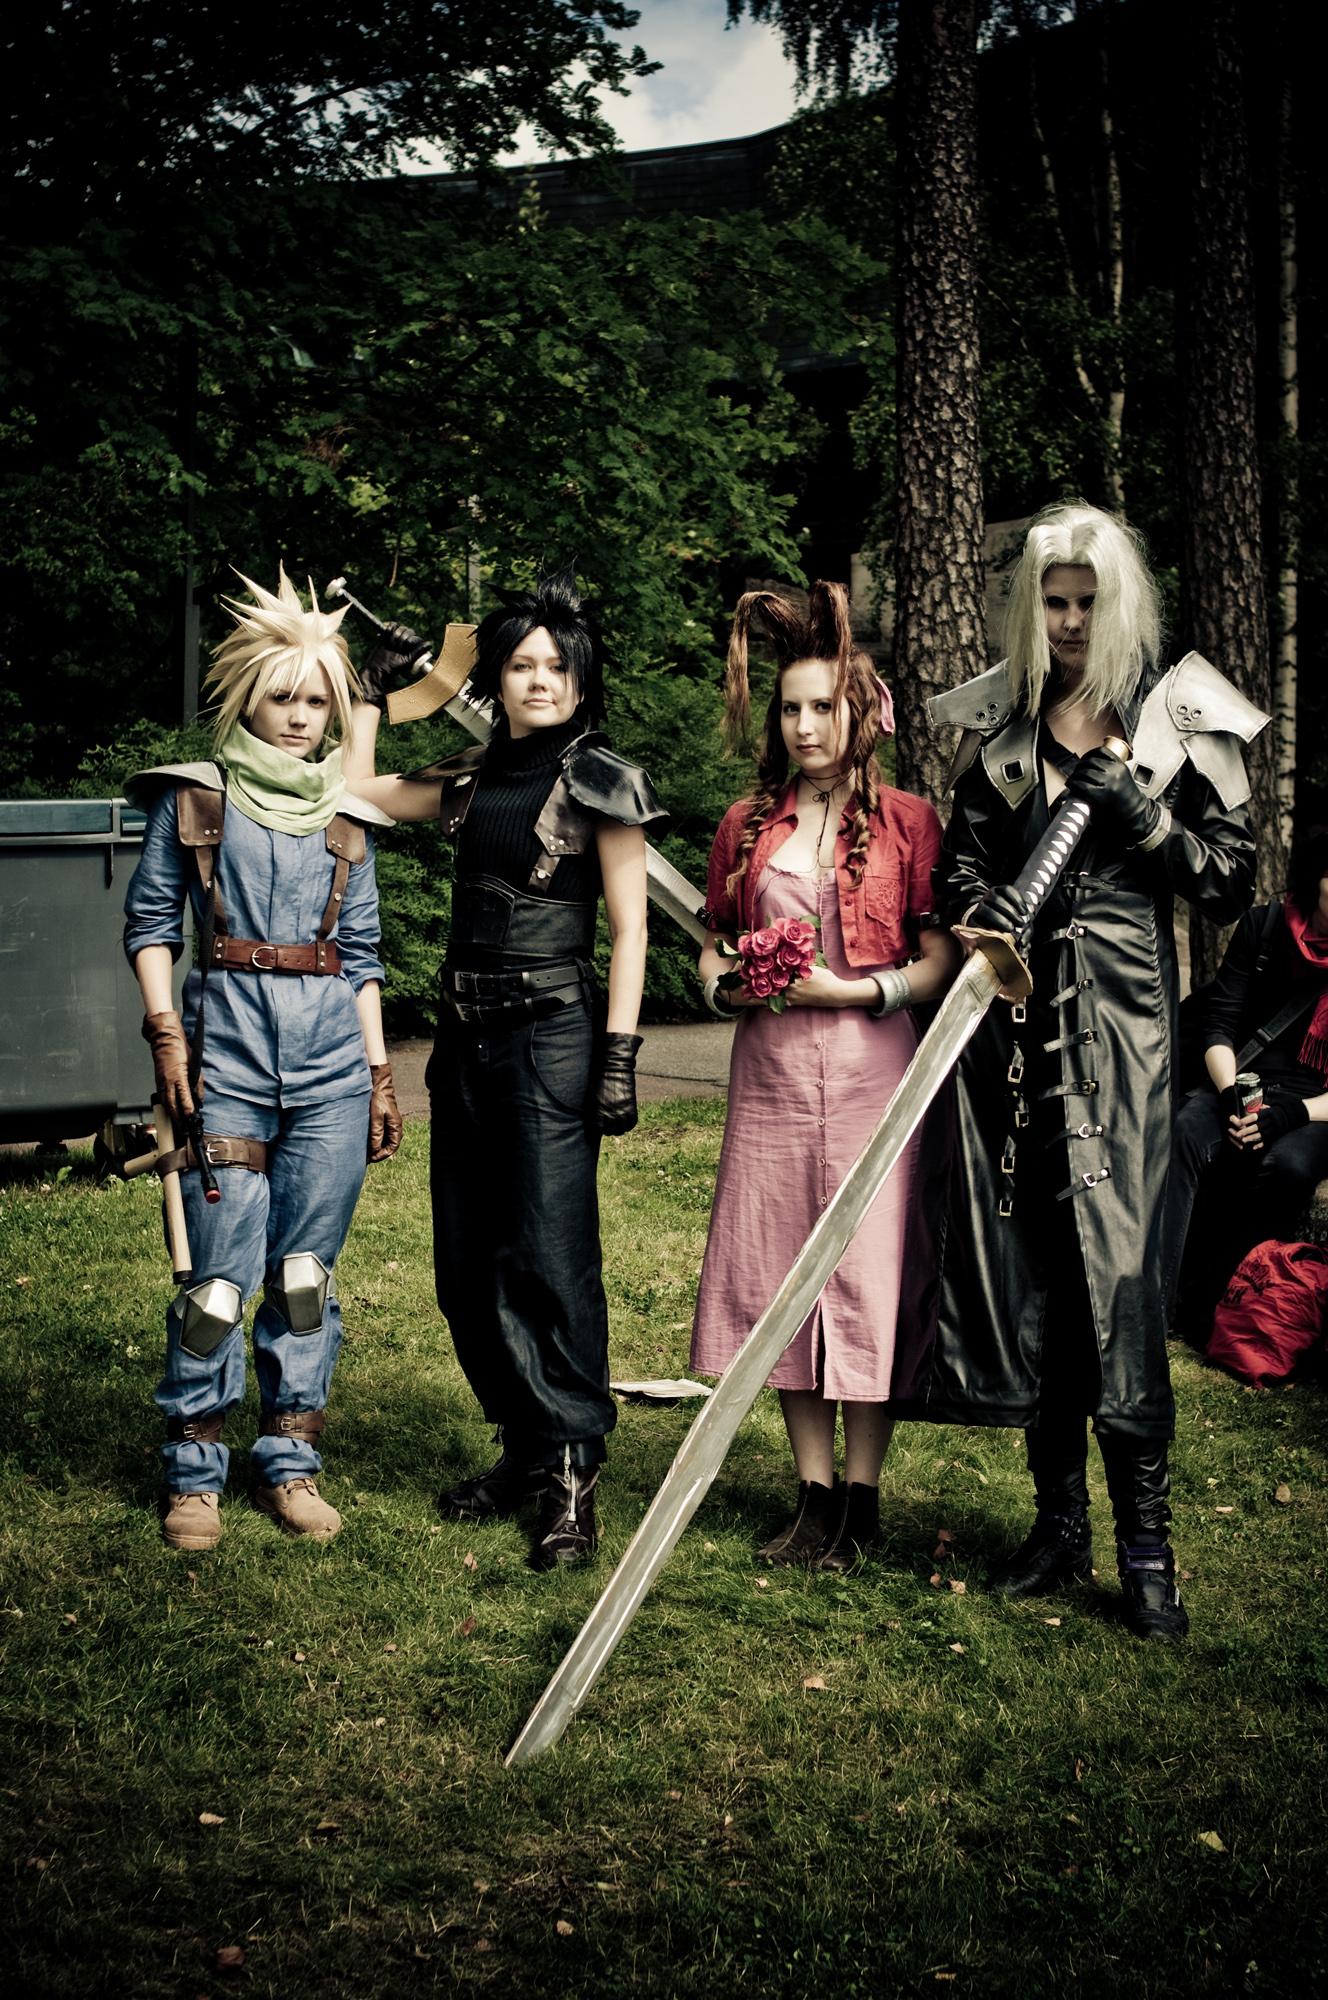 Final Fantasy hahmoiksi pukeutunut ryhmä.